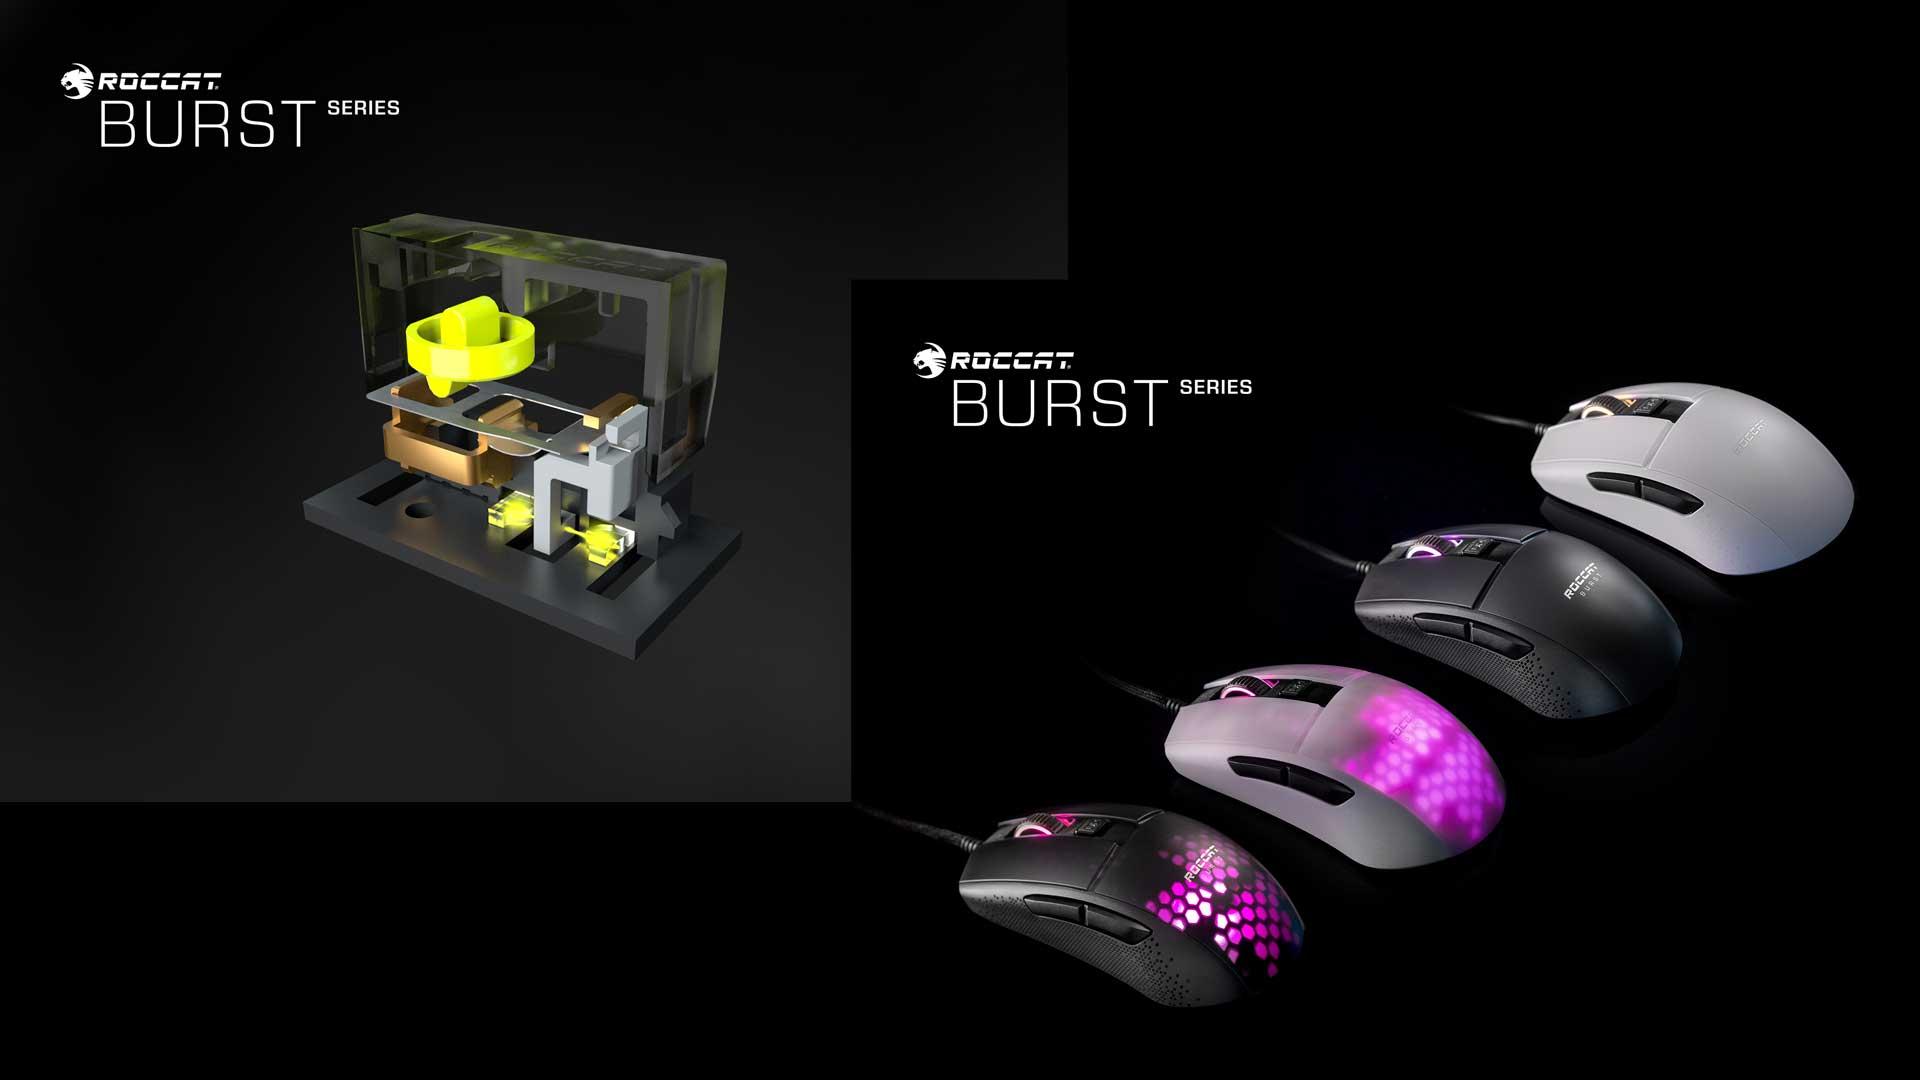 ROCCAT Burst Series Presspic 001 babt